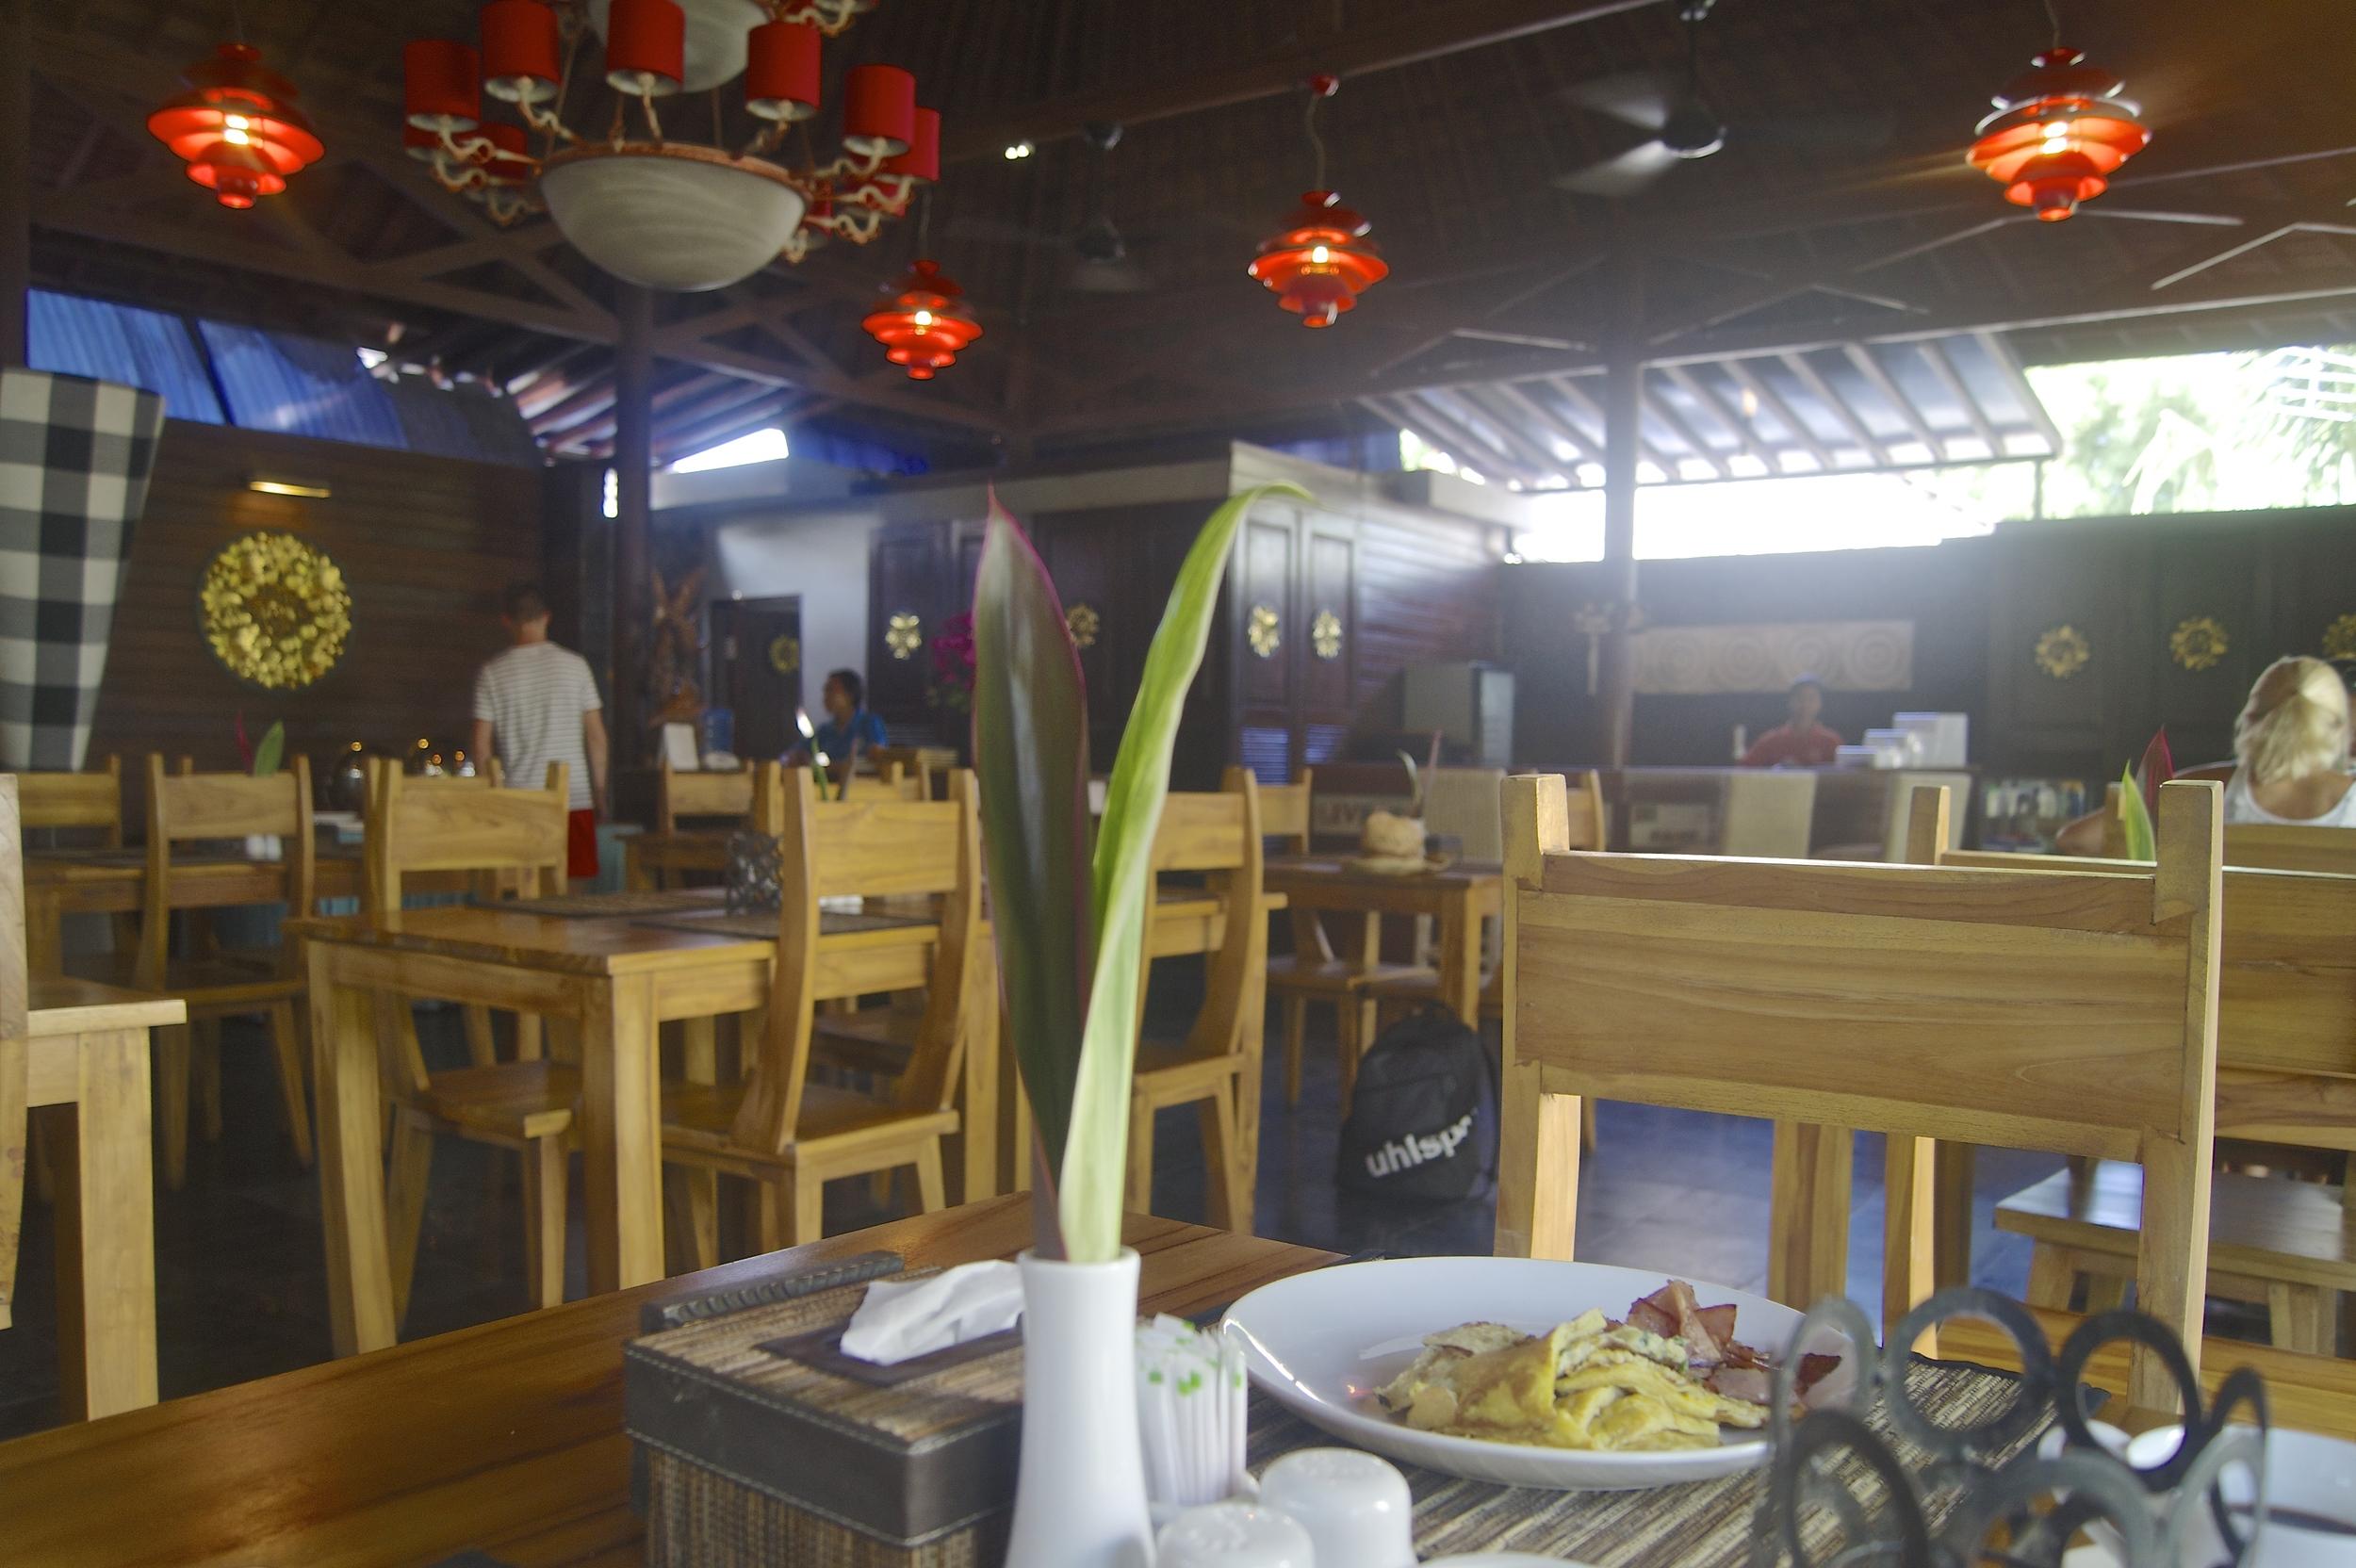 Ubud Raya酒店评论 - 餐厅餐厅 - 巴厘岛